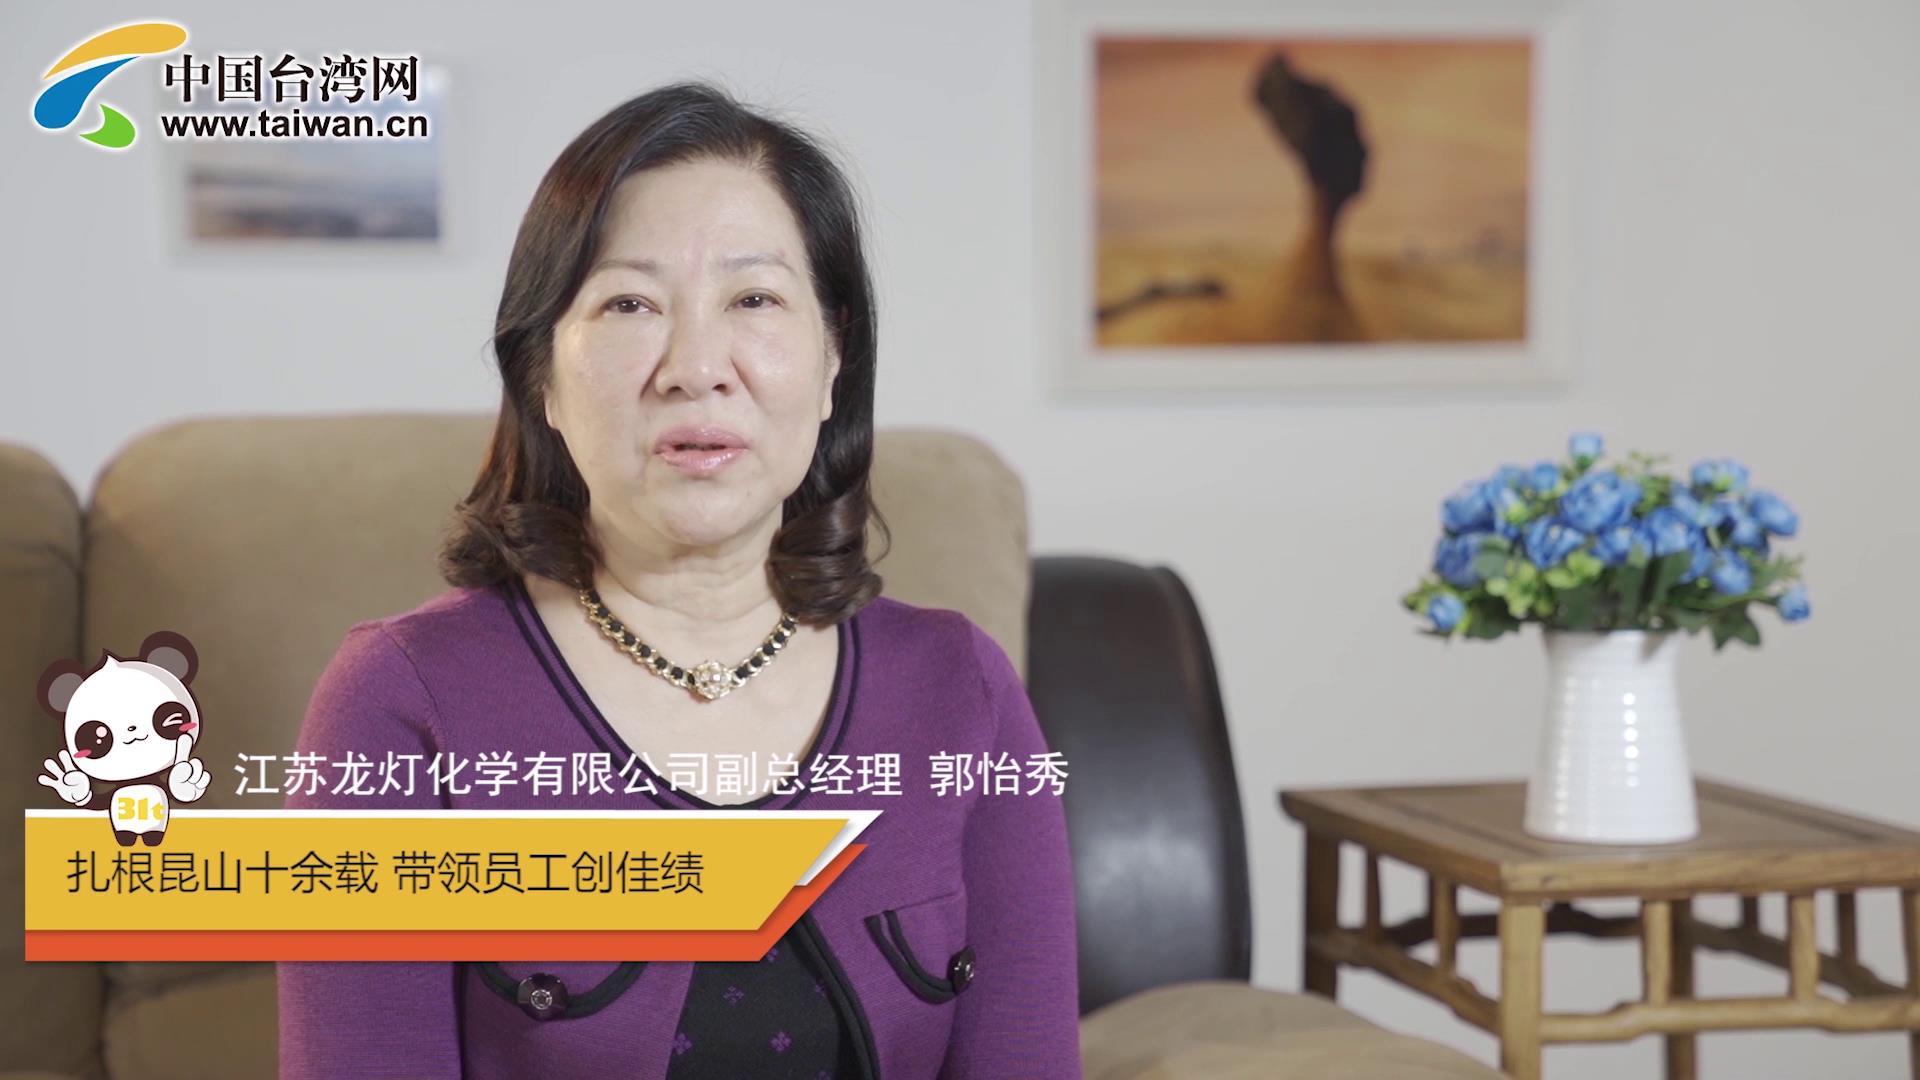 2.专访台商郭怡秀:扎根大陆十余载 三代同堂在昆山图片